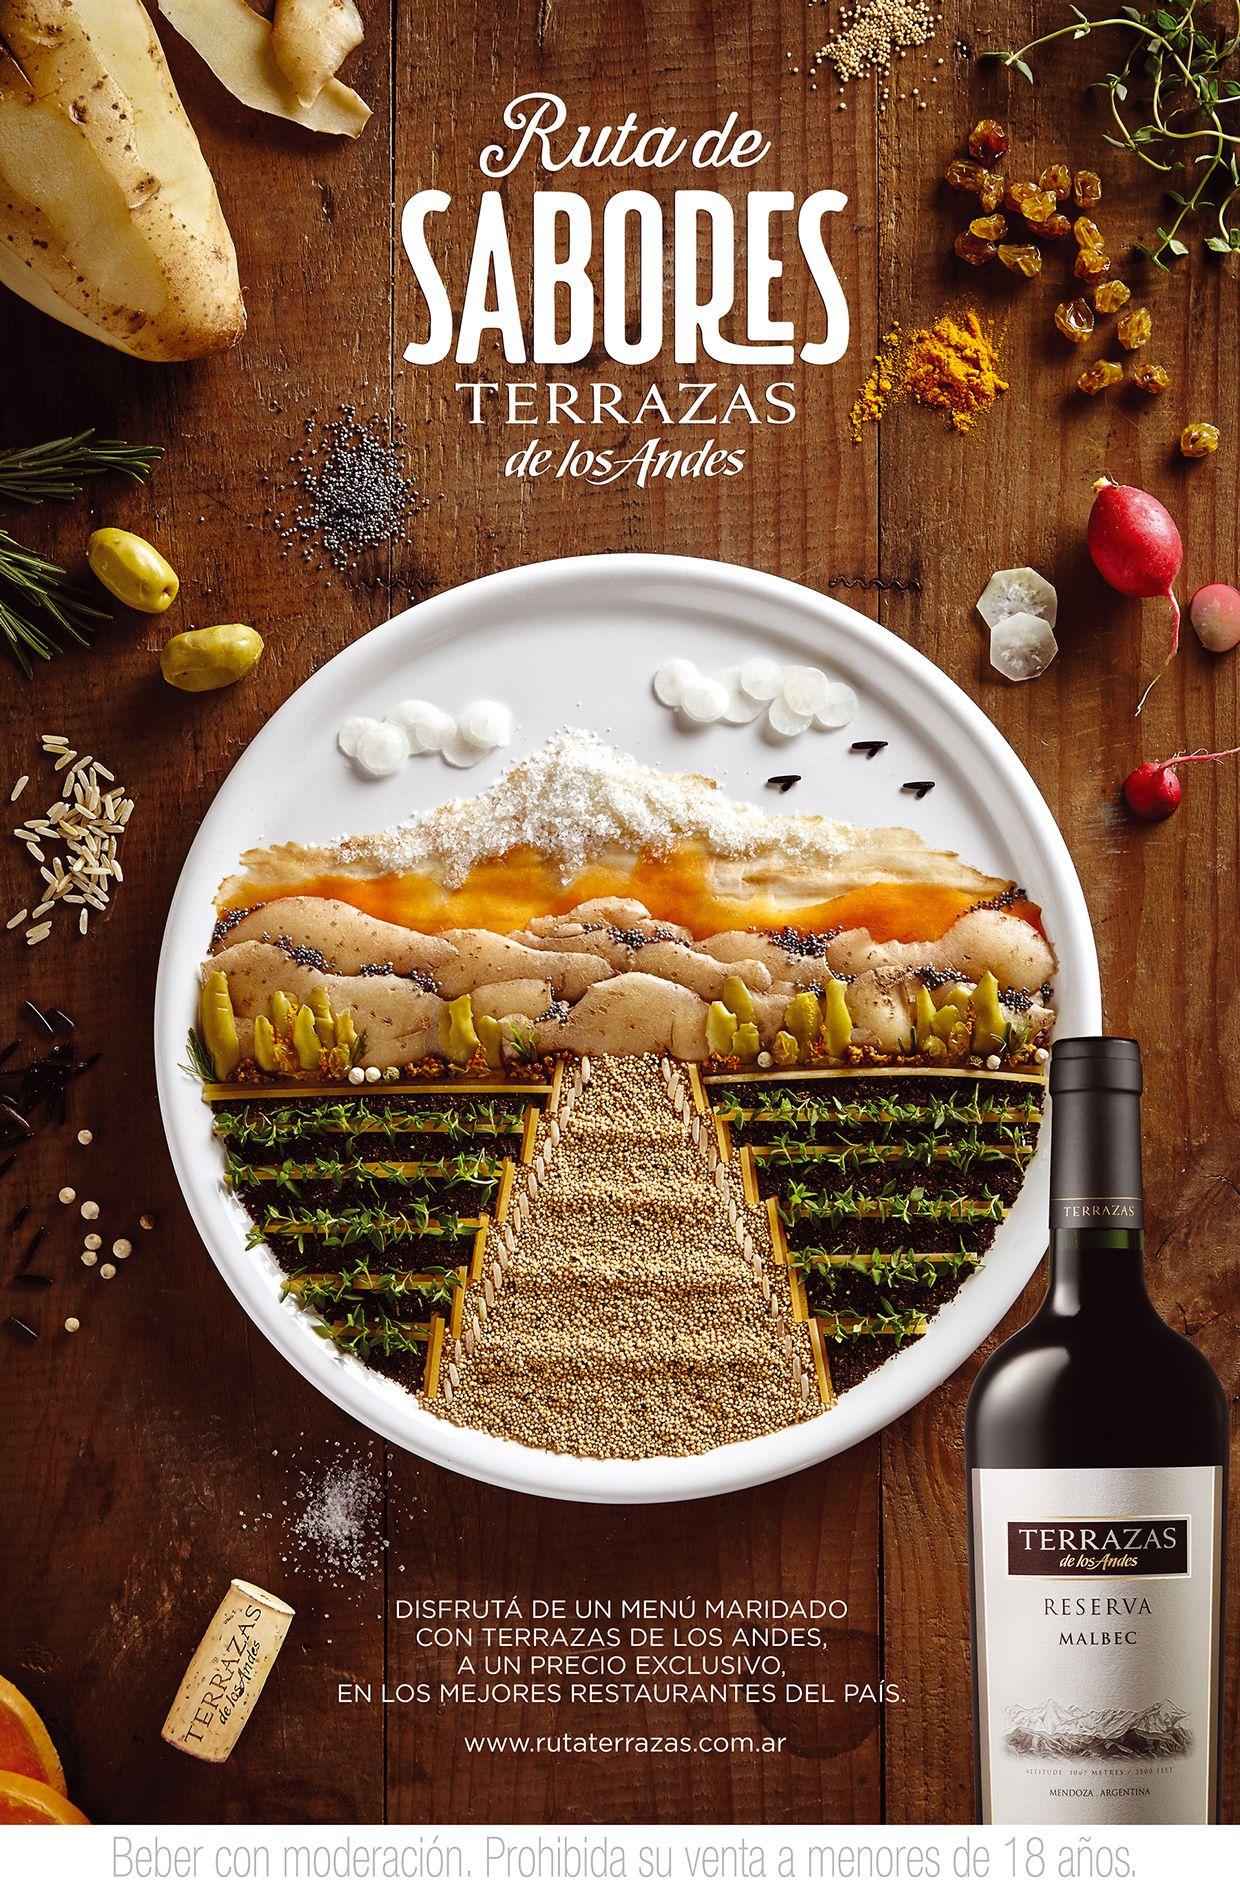 Ruta De Sabores Terrazas De Los Andes Food Poster Design